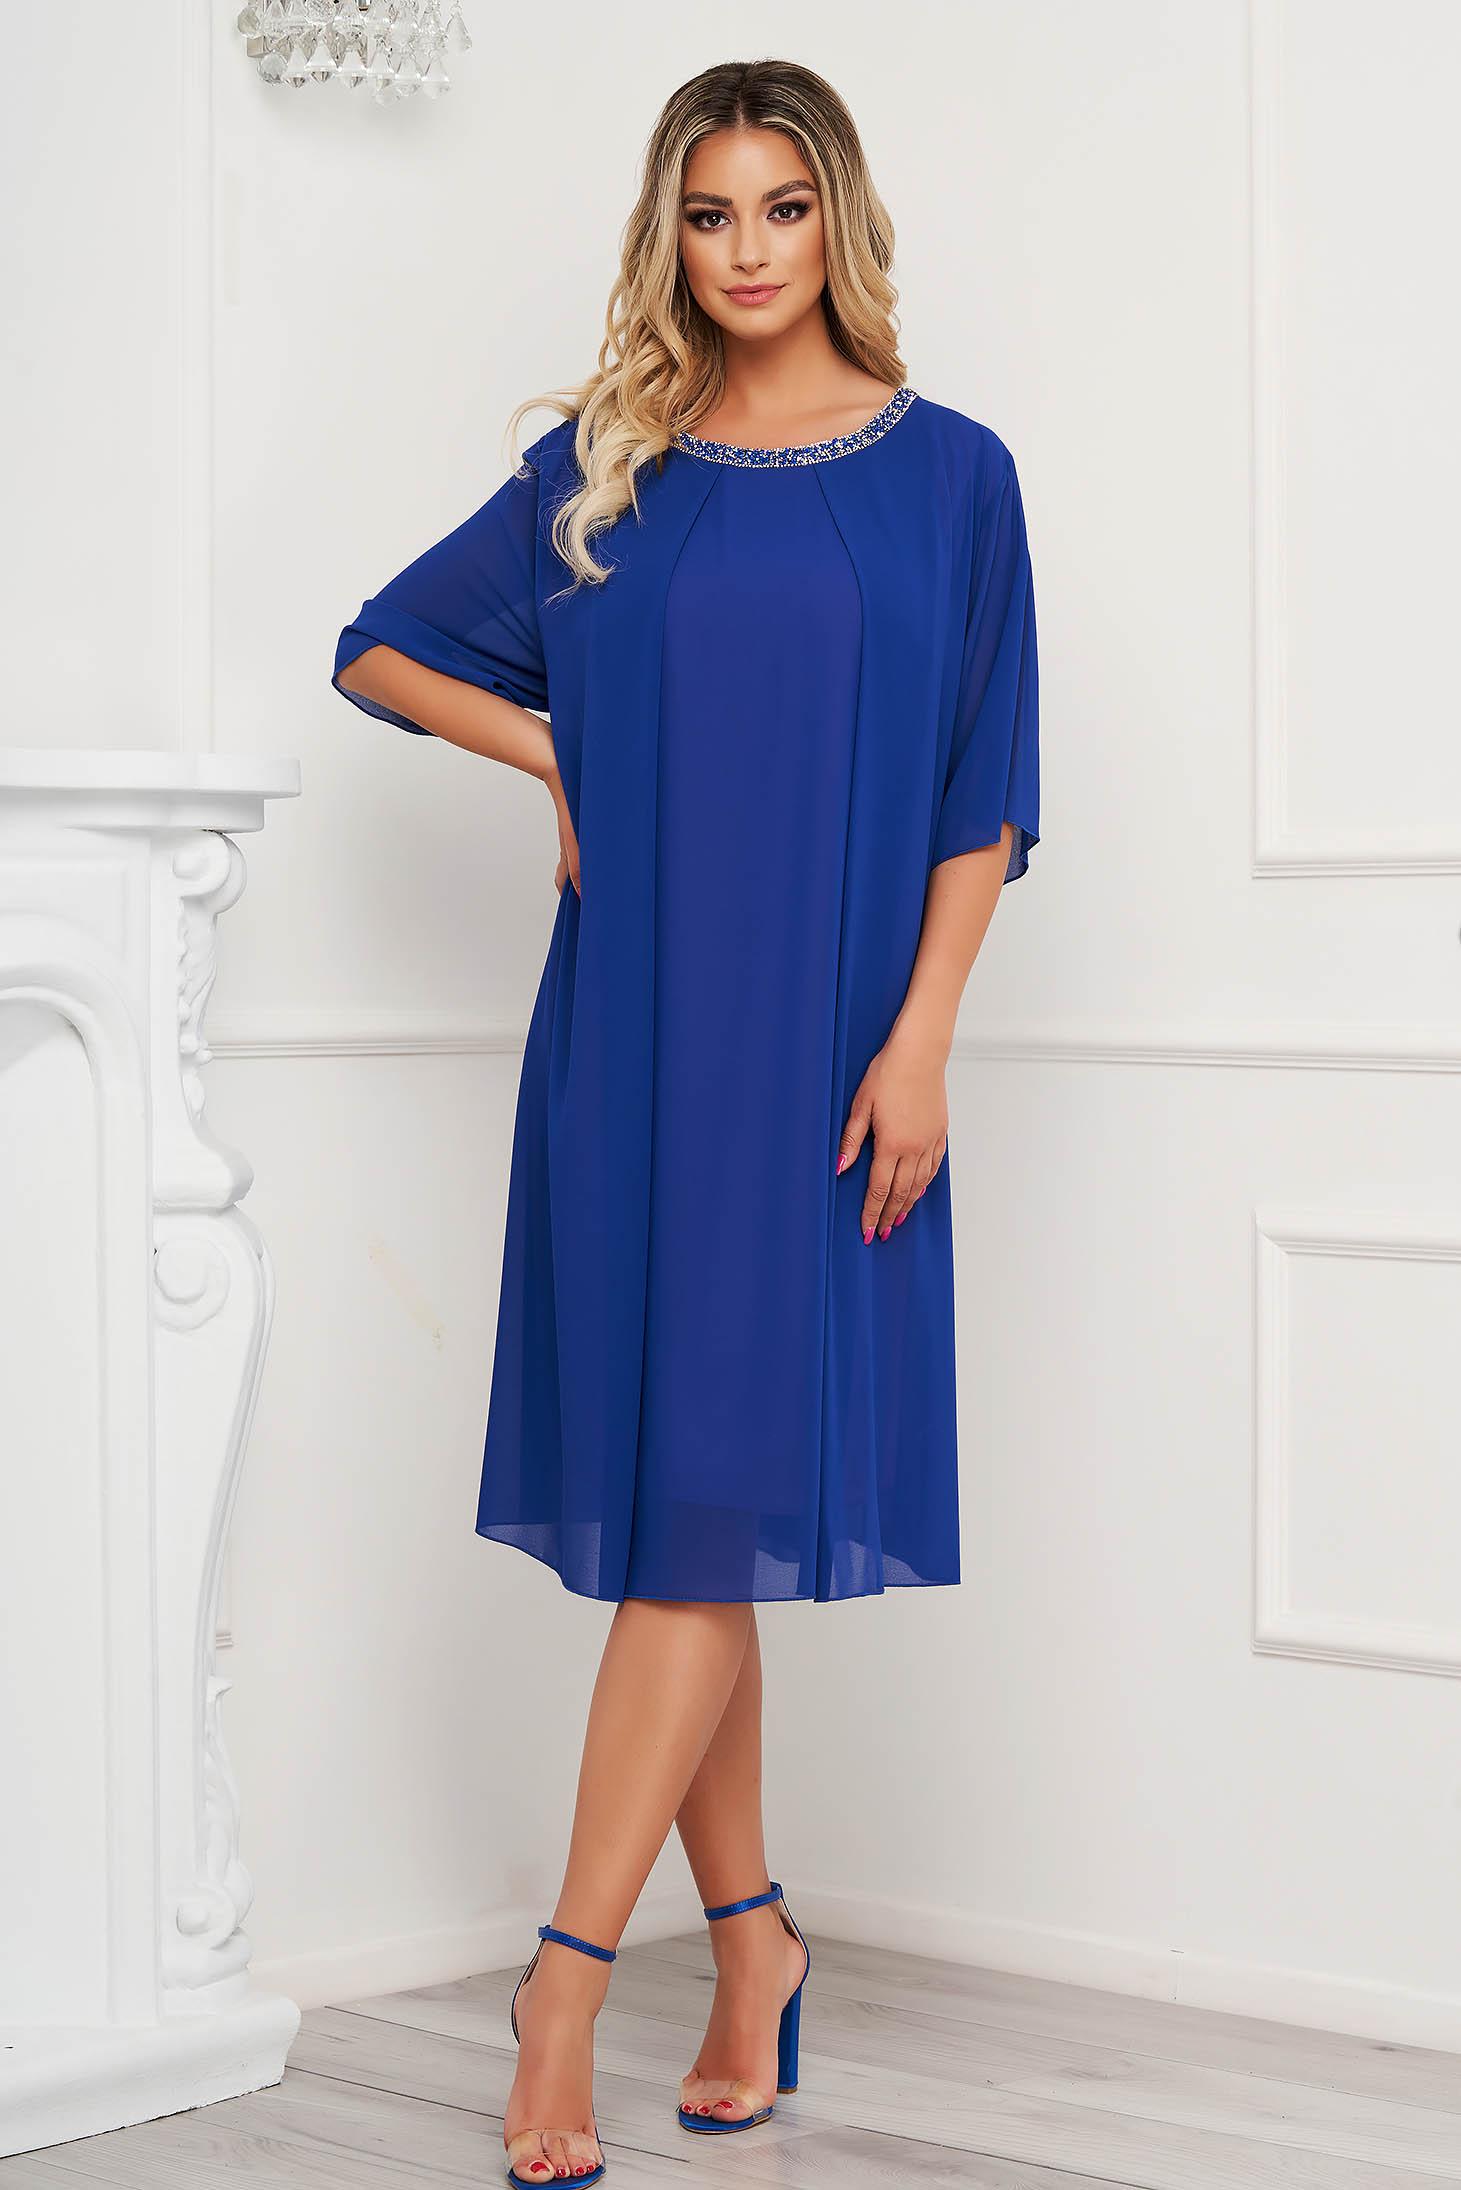 Rochie albastra midi cu croi larg din voal cu aplicatii cu pietre strass la decolteu